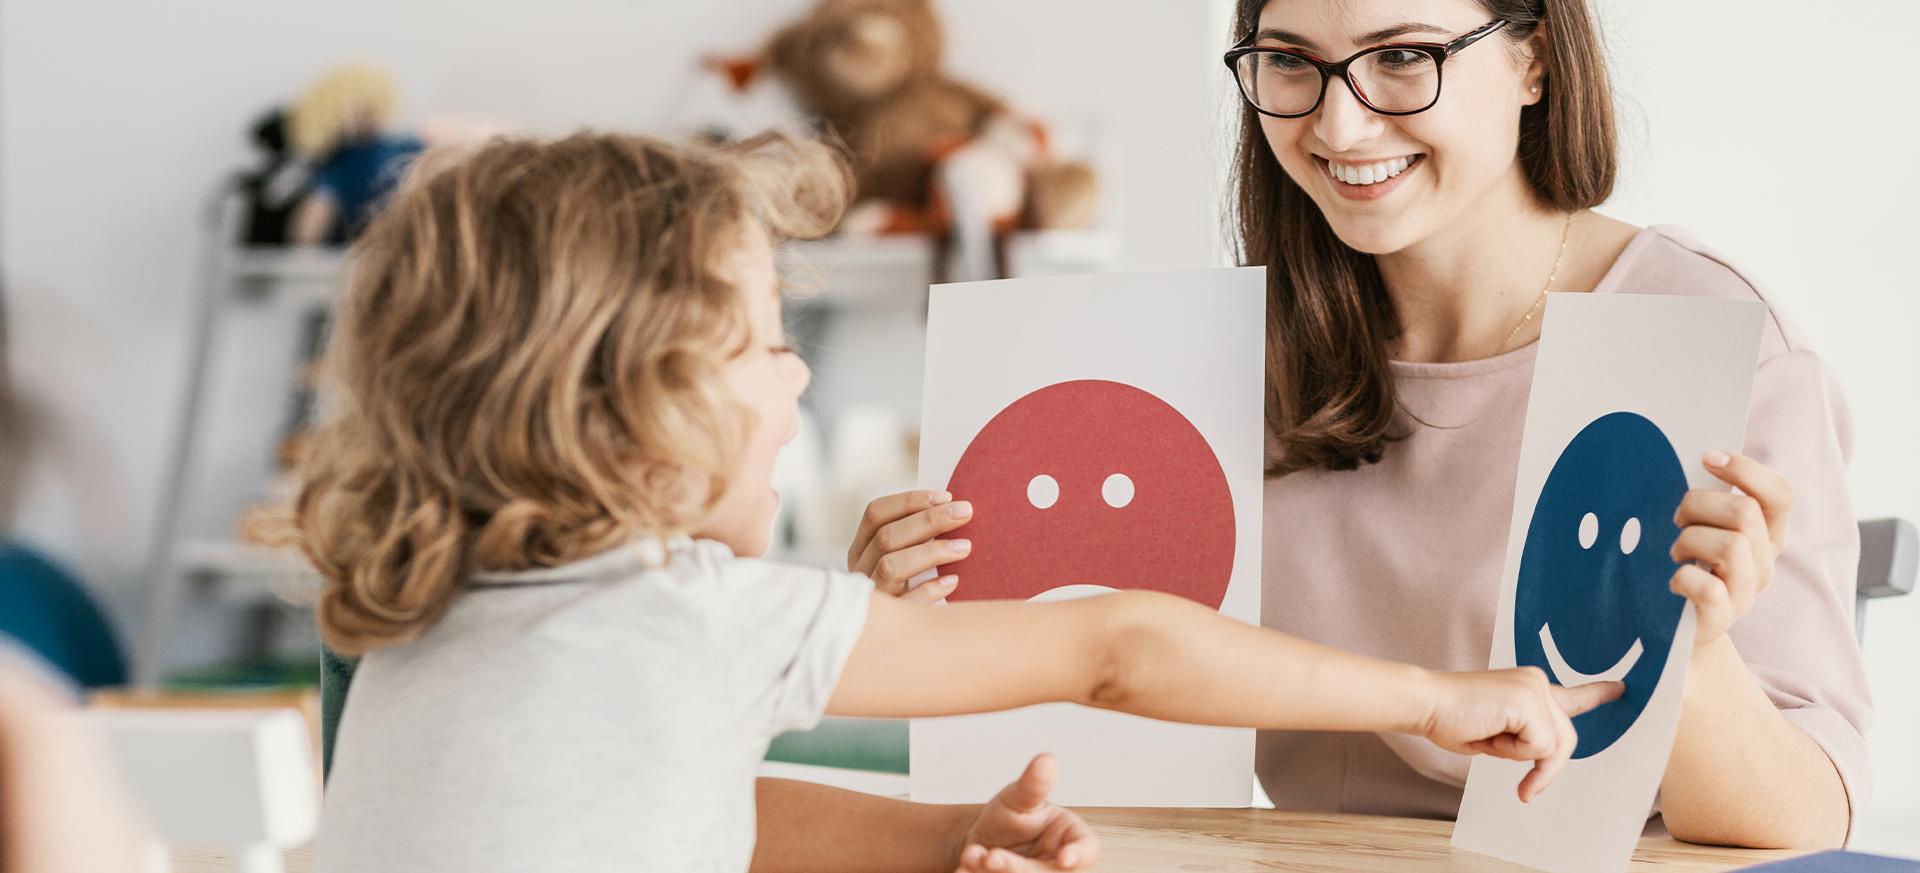 Eine Kinder- & Jugendpsychologin spielt ein Spiel mit einem kleinen Jungen.